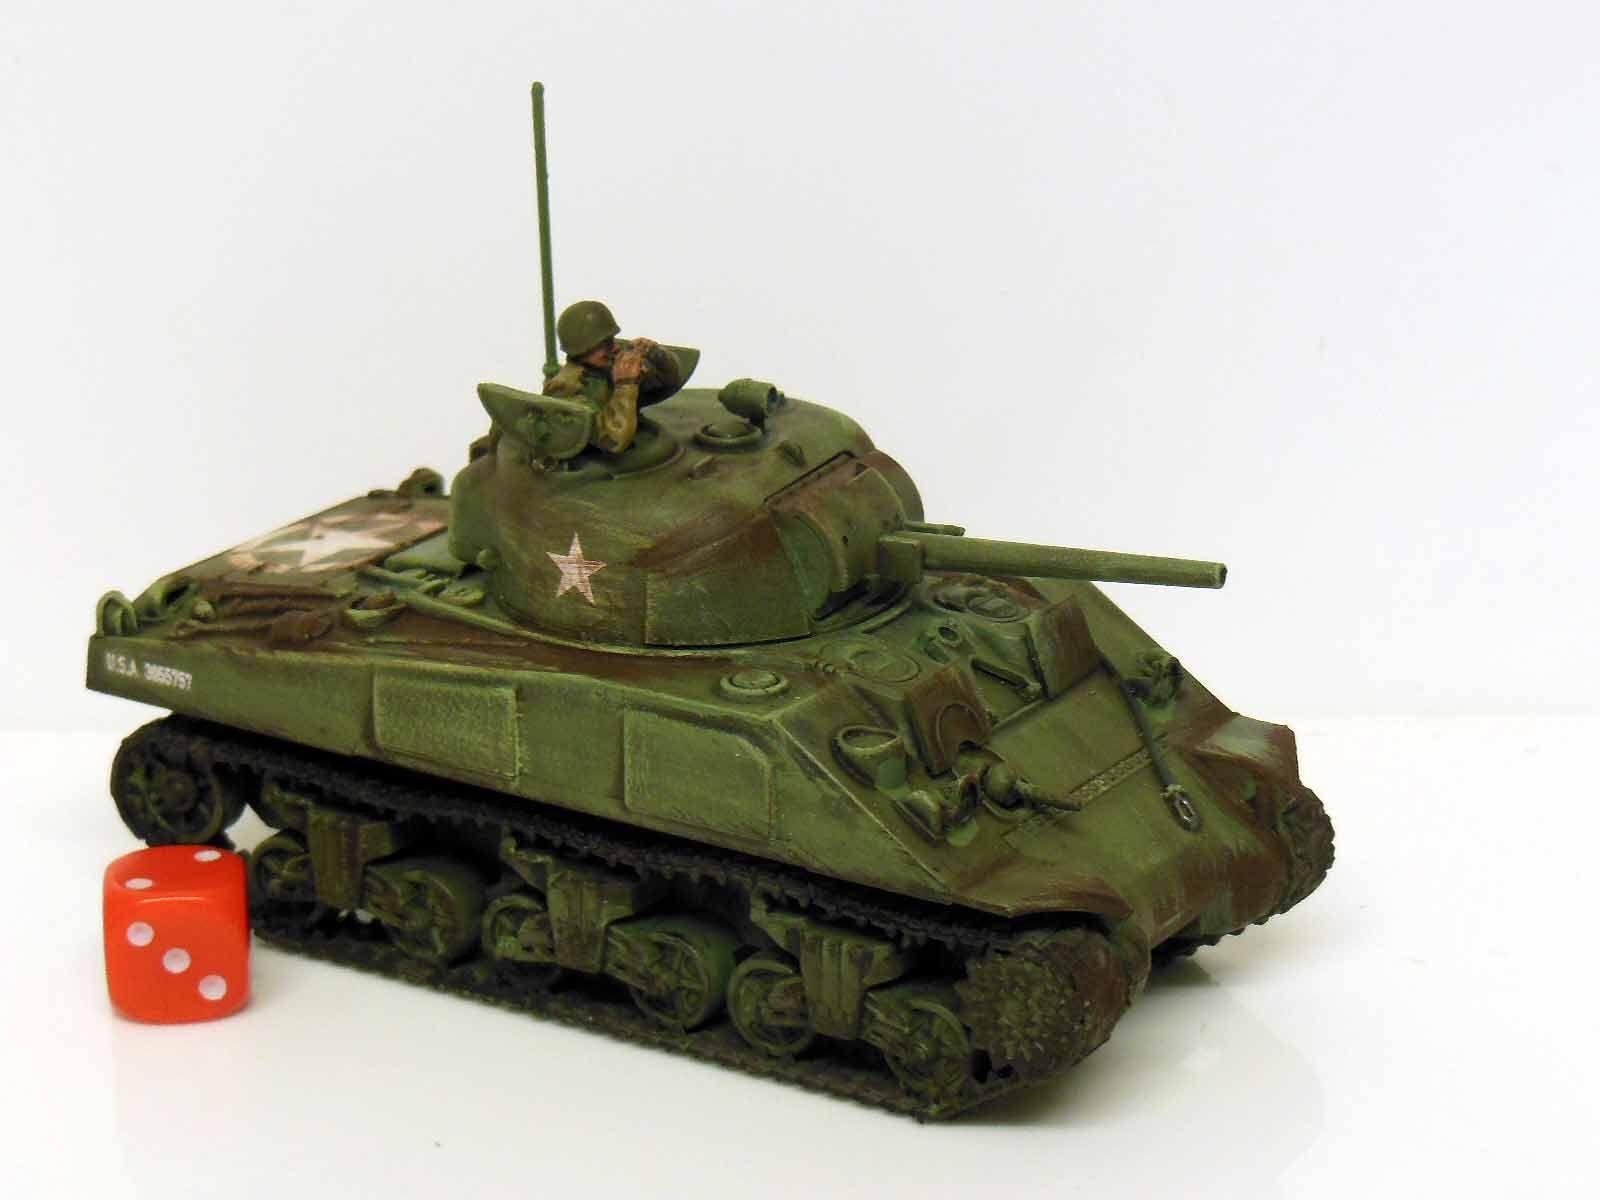 28mm bolt aktion befehlskette uns m4 sherman panzer - gestrichen und verwitterten (r3)